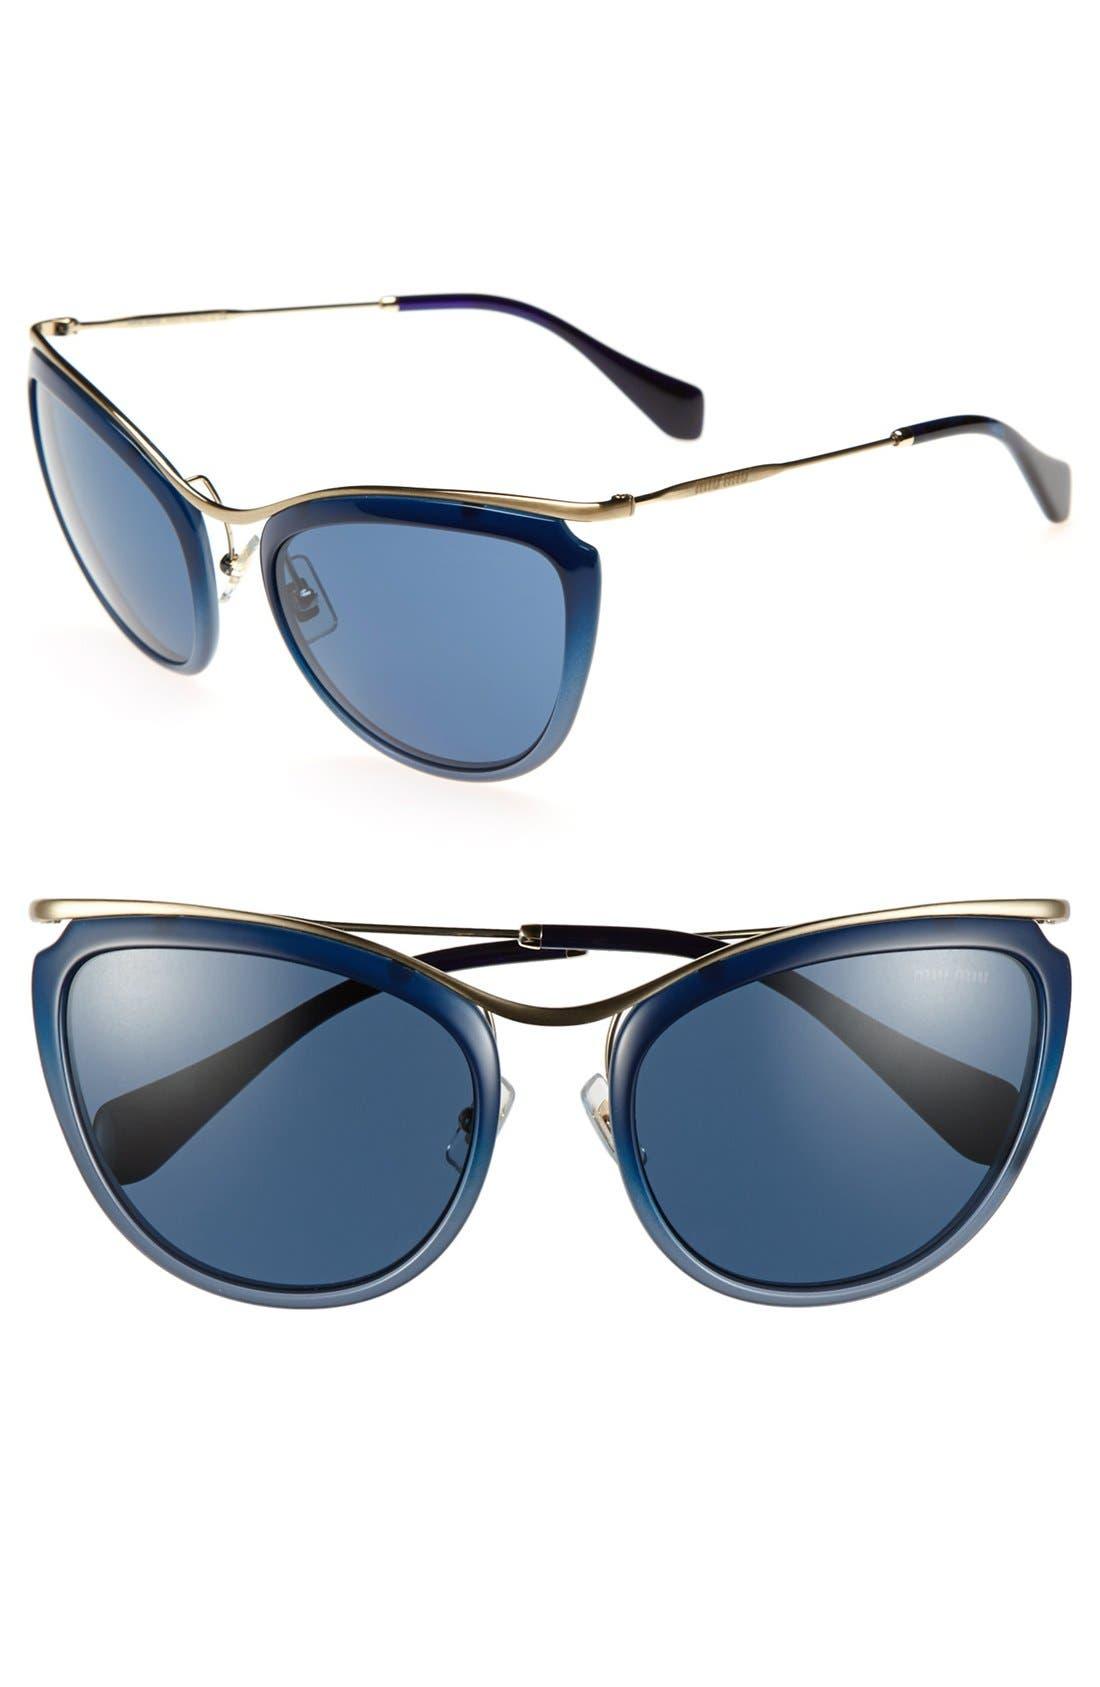 Alternate Image 1 Selected - Miu Miu 57mm Cat Eye Sunglasses